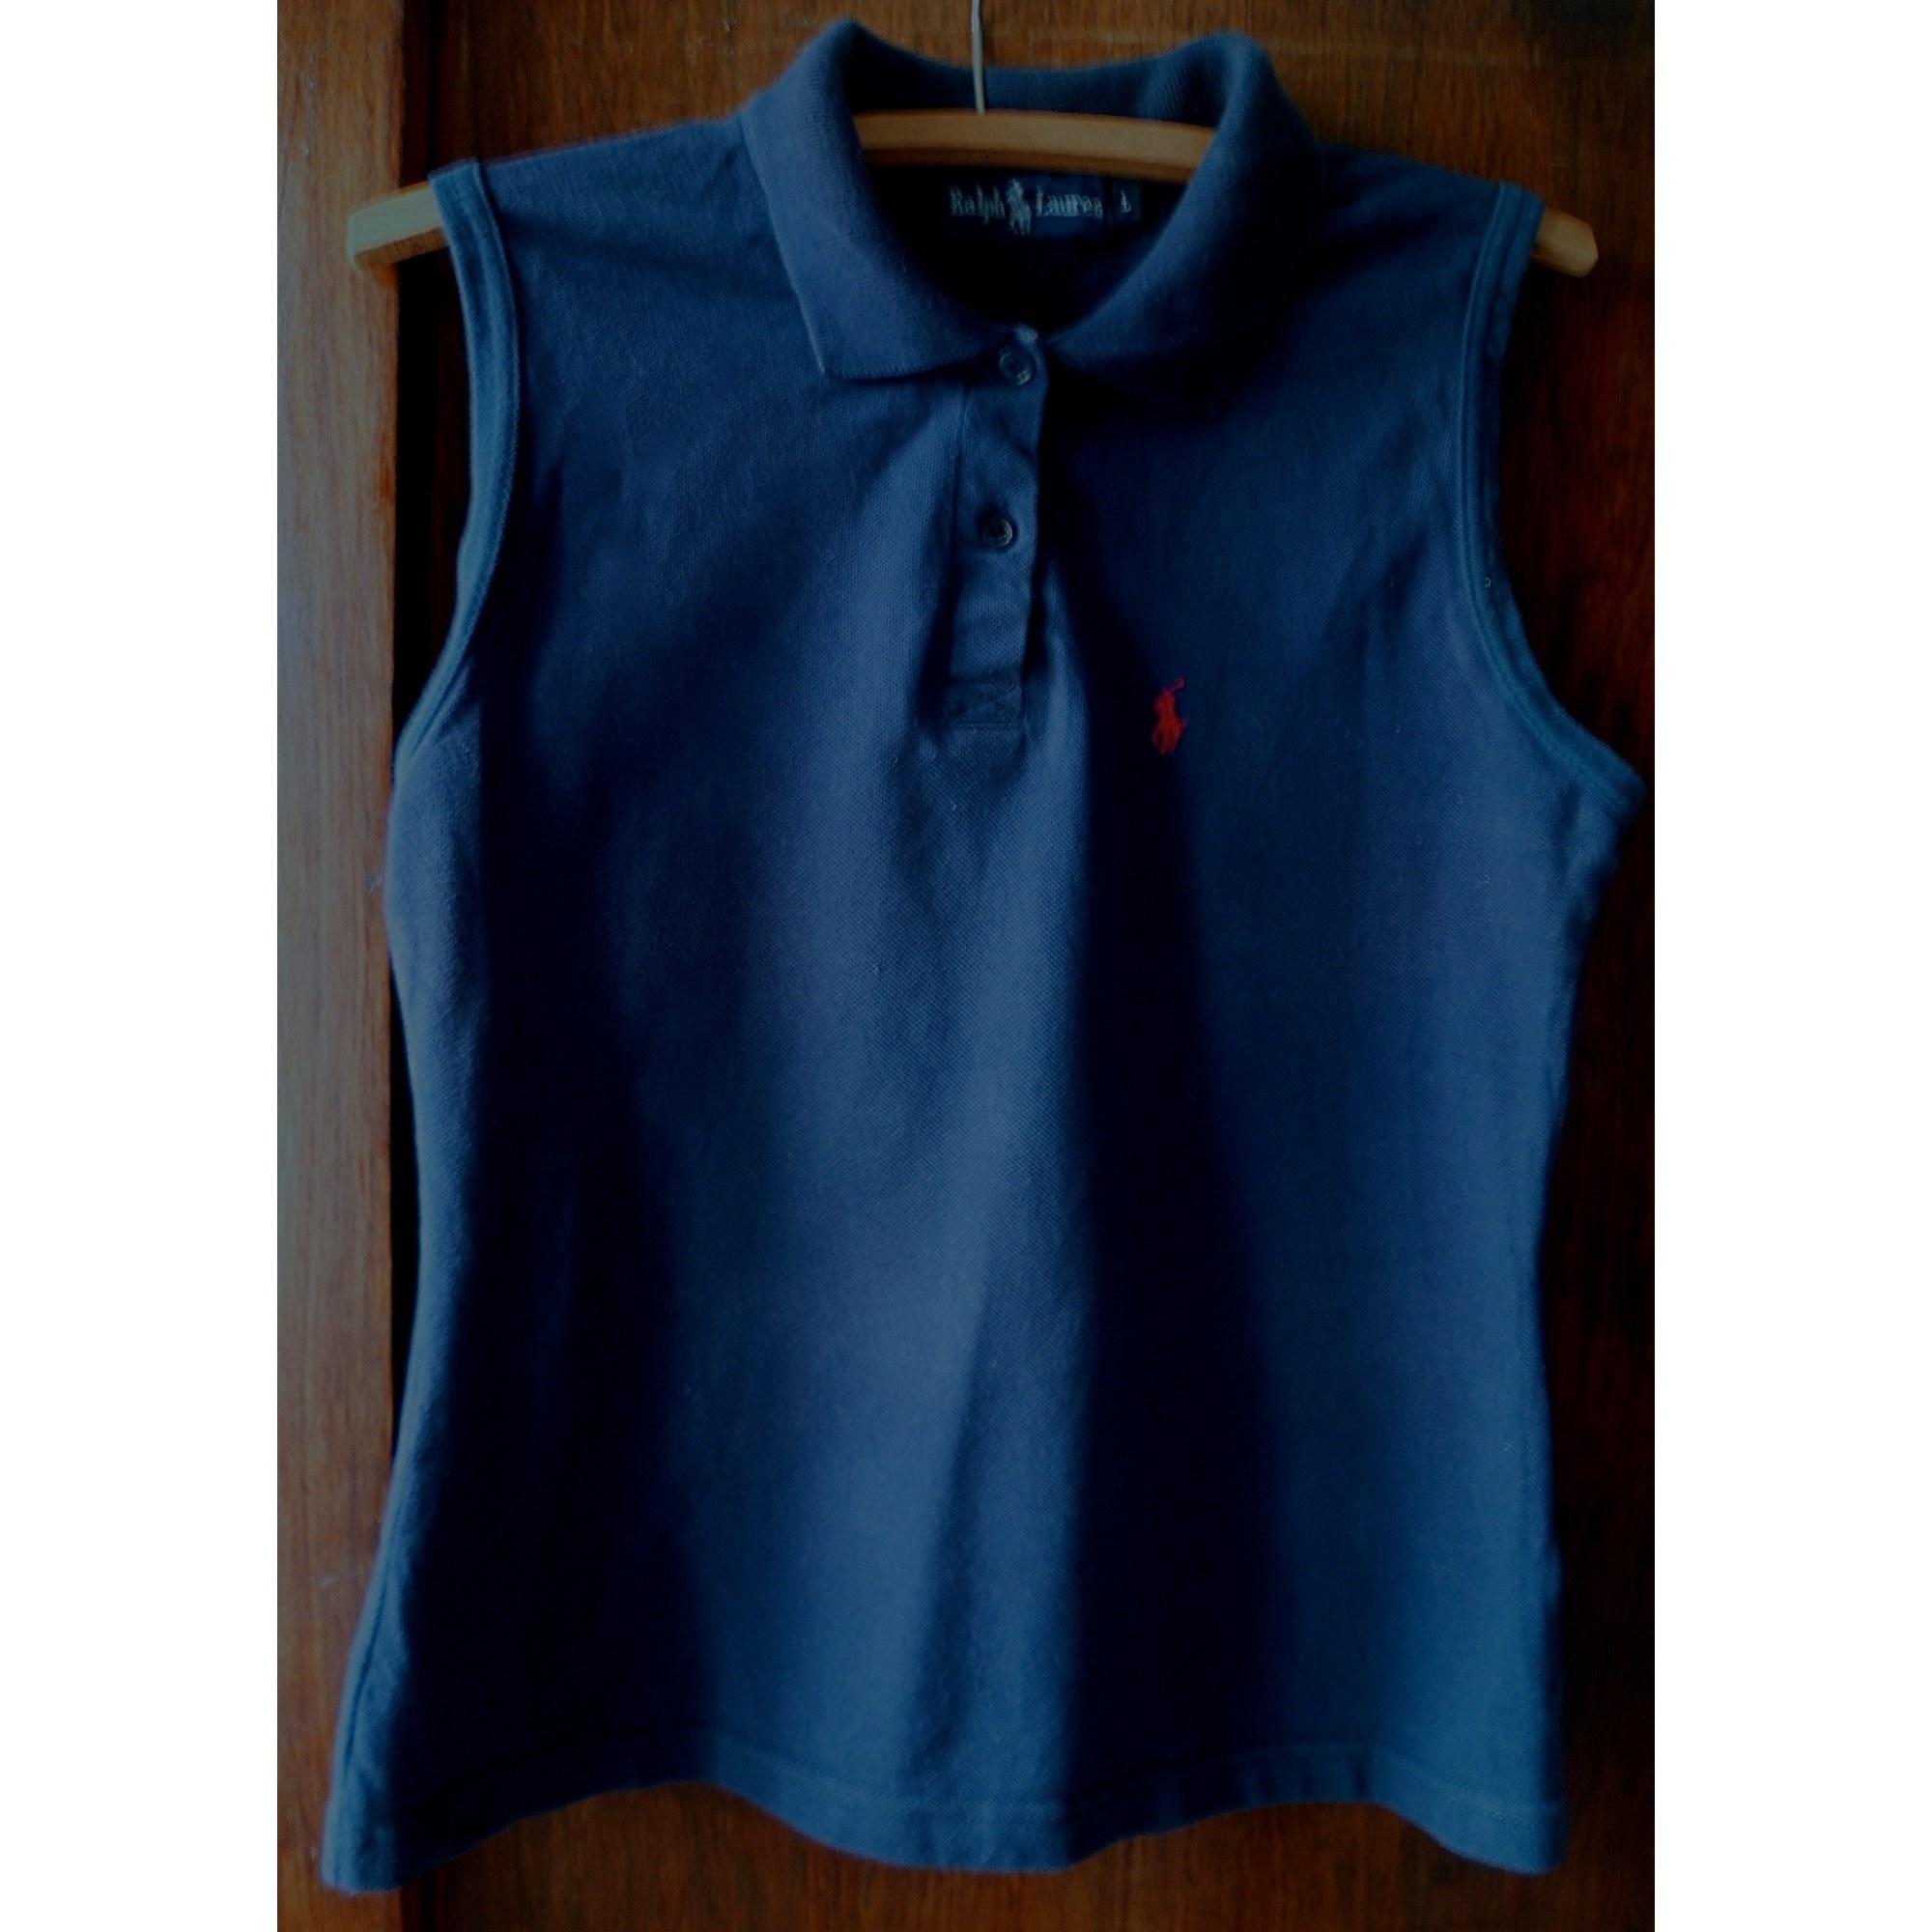 Polo RALPH LAUREN Bleu, bleu marine, bleu turquoise aac0eee2a92